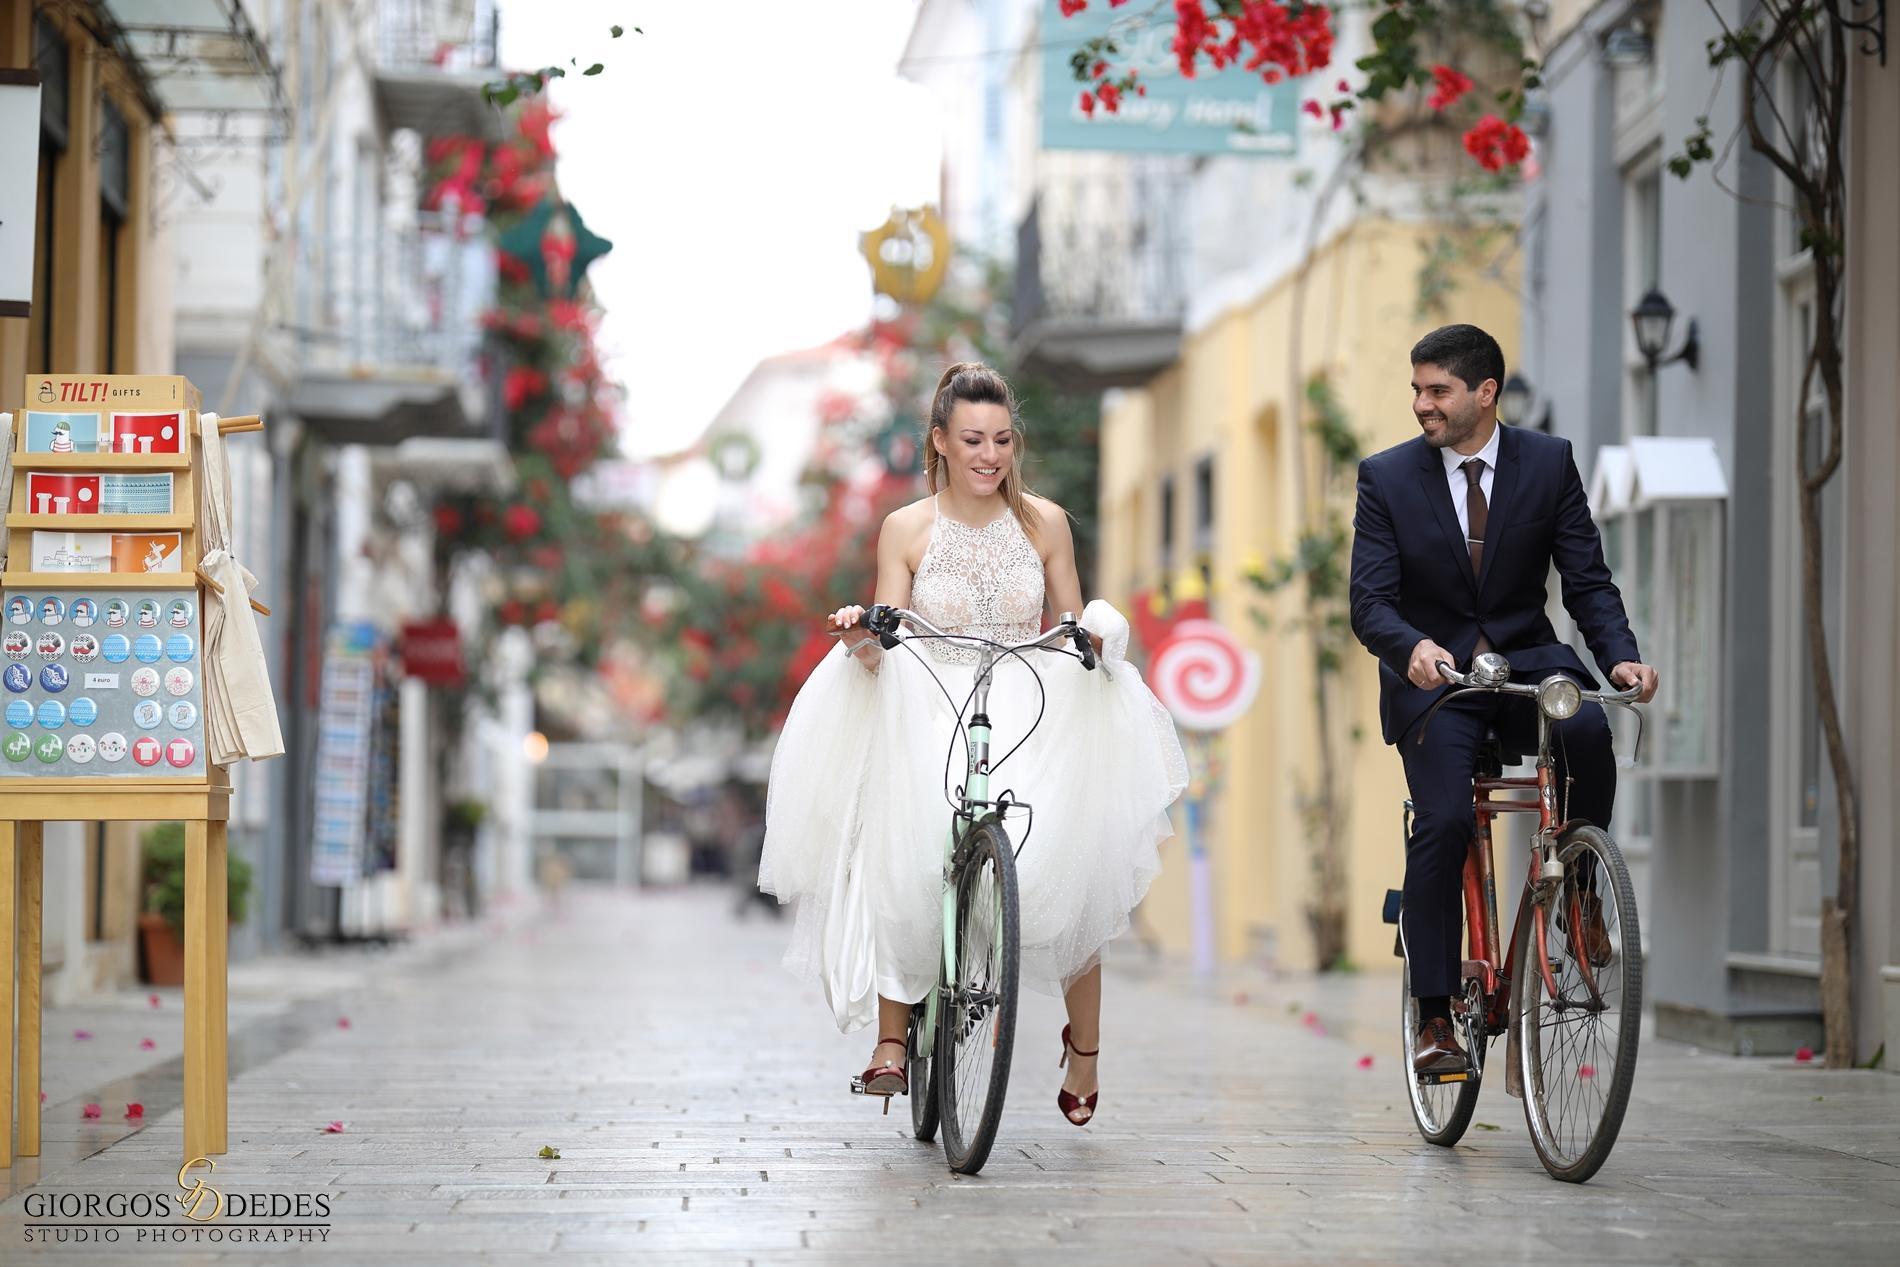 αυθόρμητες_φωτογραφίες_γάμου